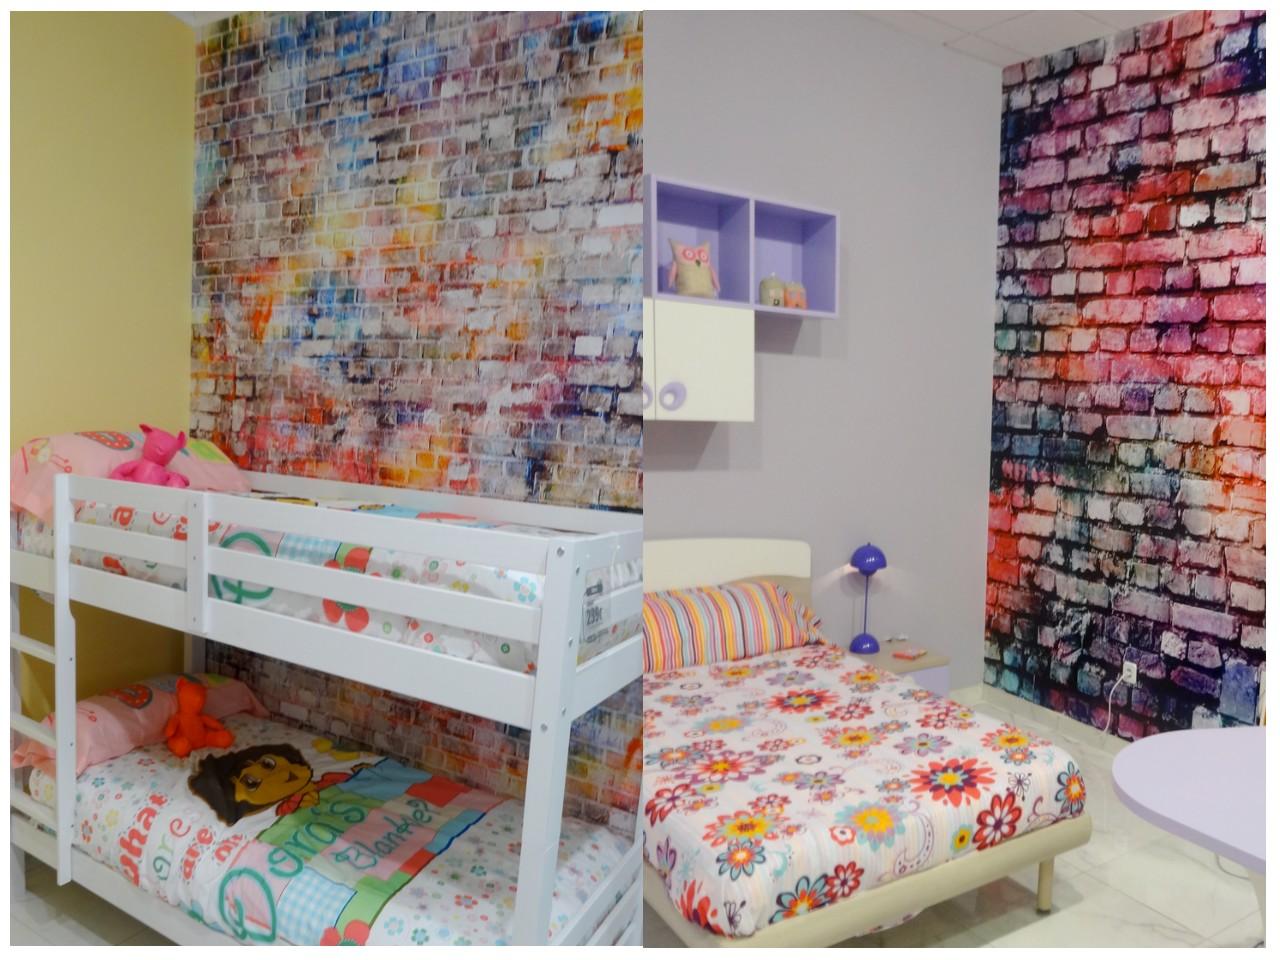 Vinilos decorativos habitaciones infantiles llenas de for Vinilos para habitaciones de ninas